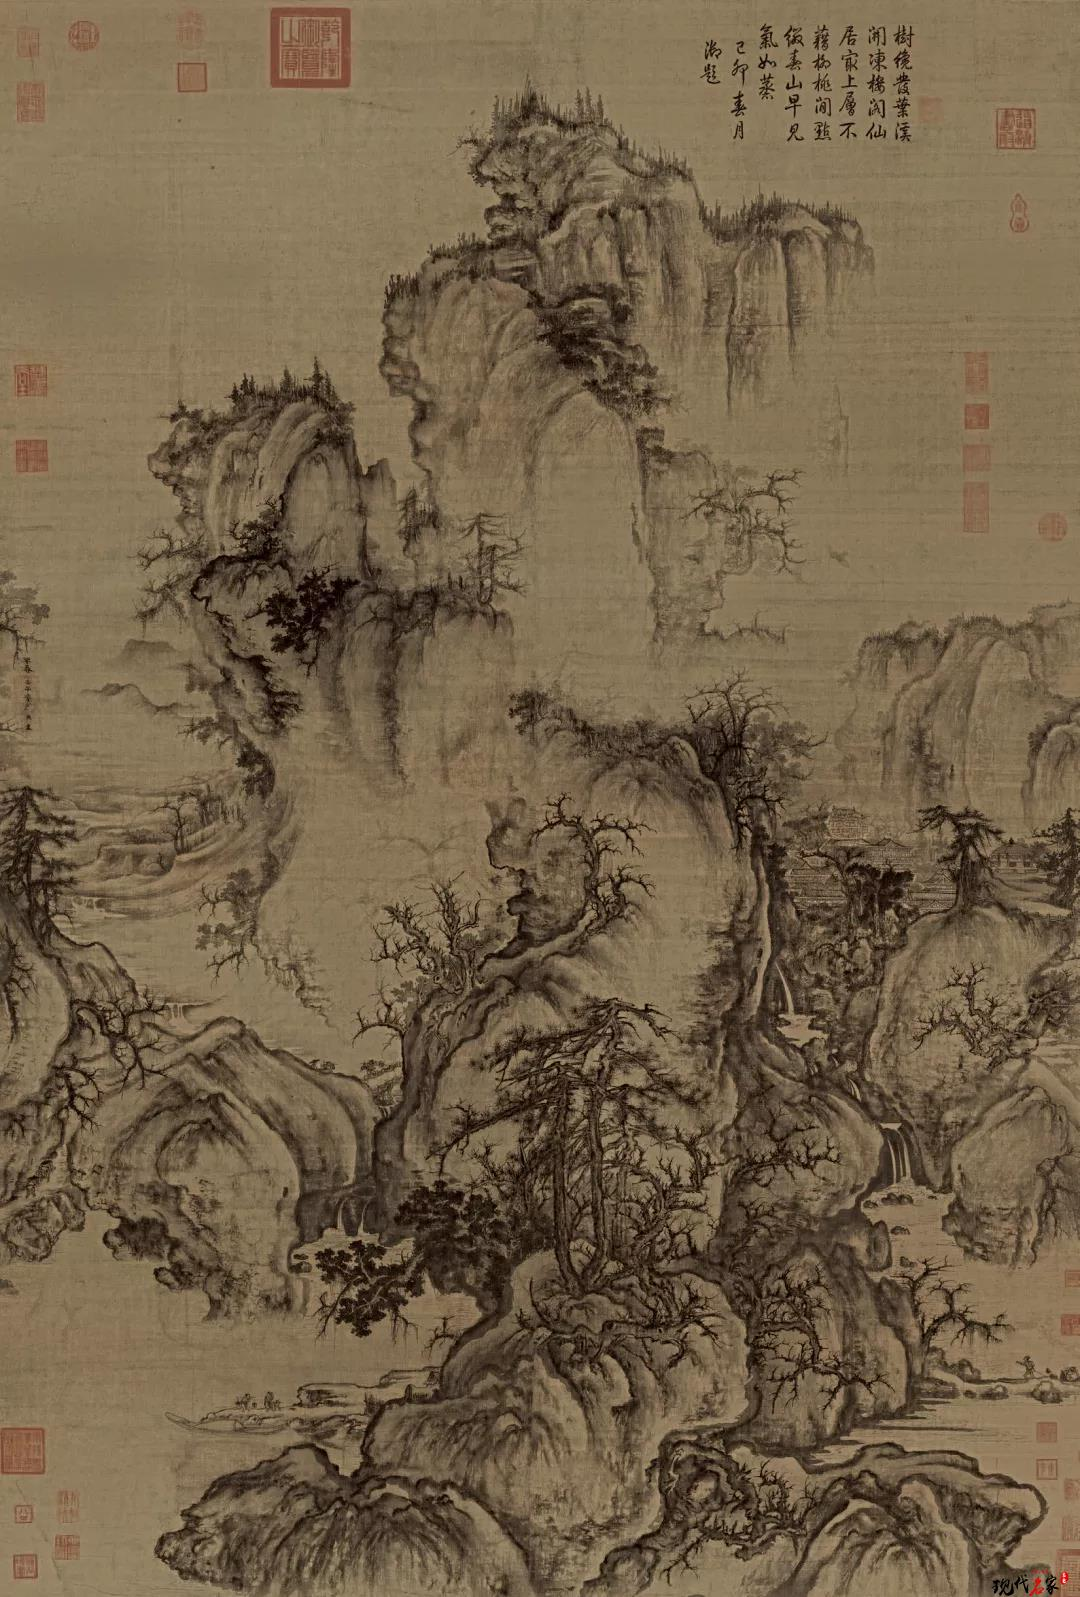 卢禹舜 | 宋代山水画开始注重内心的体验,追求心物圆融的境界-第2张